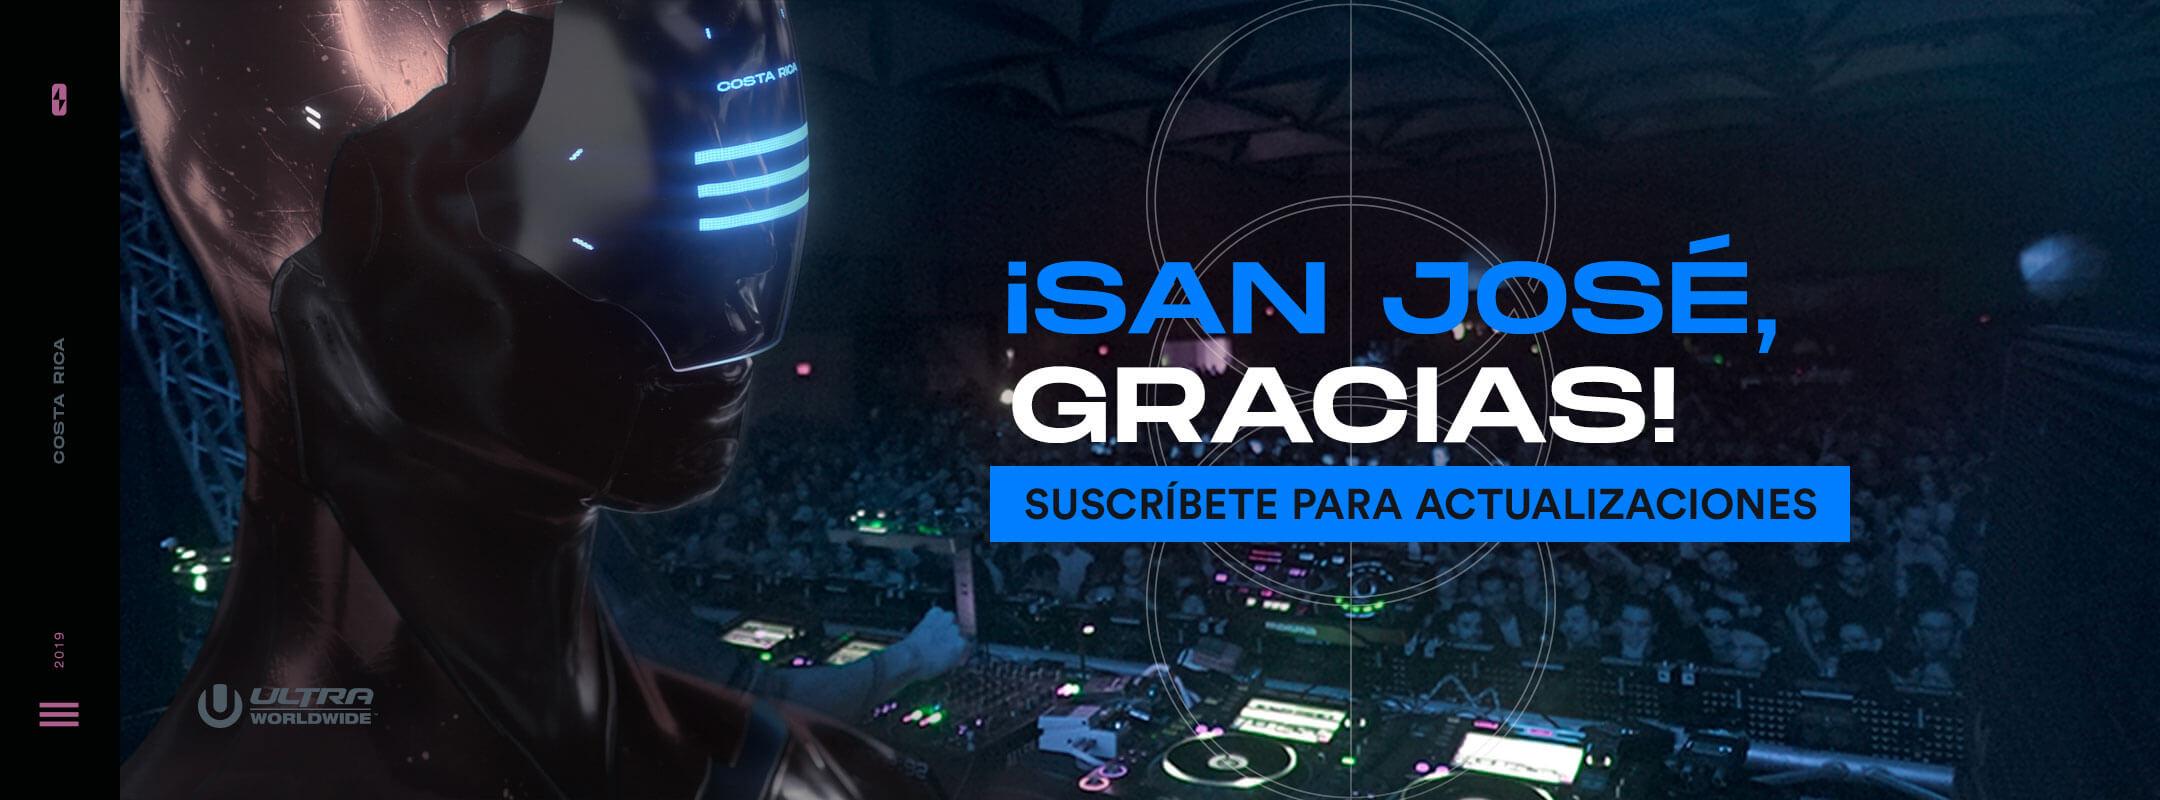 Recibe actualizaciones de  RESISTANCE San José